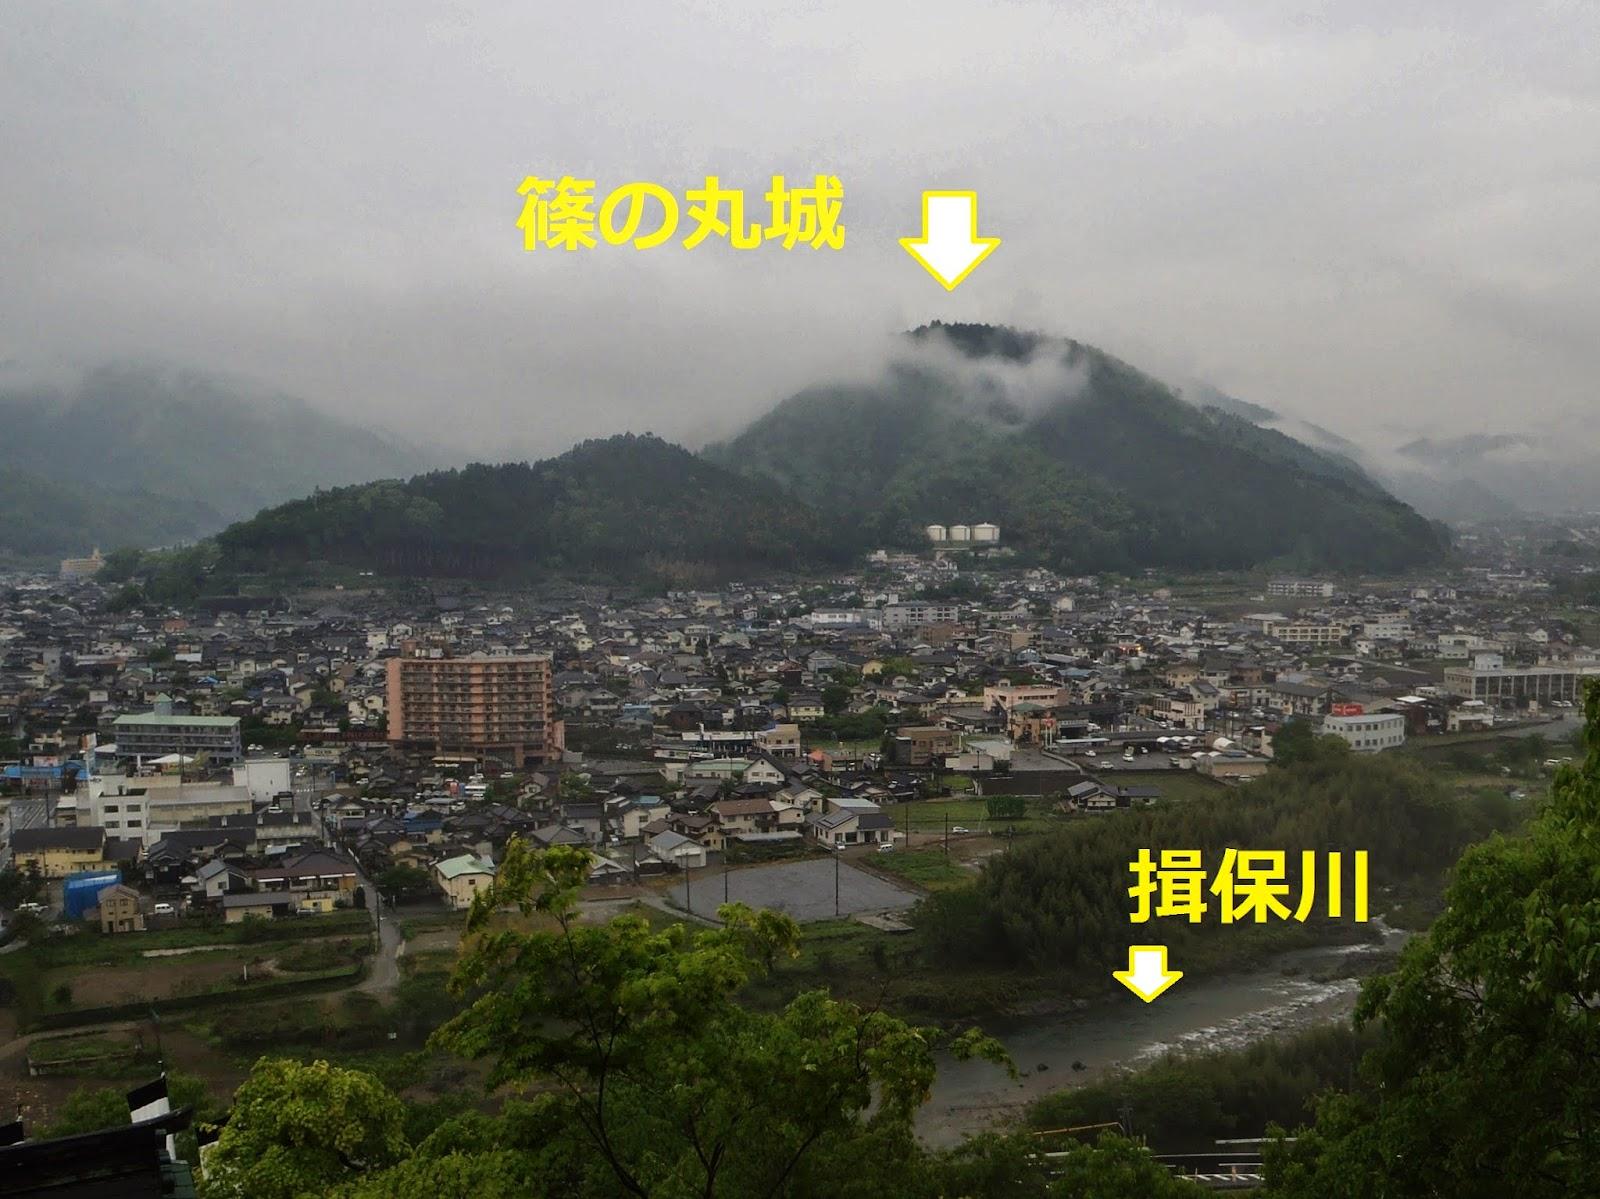 司馬遼太郎 Part3 [無断転載禁止]©2ch.netYouTube動画>3本 ->画像>2488枚